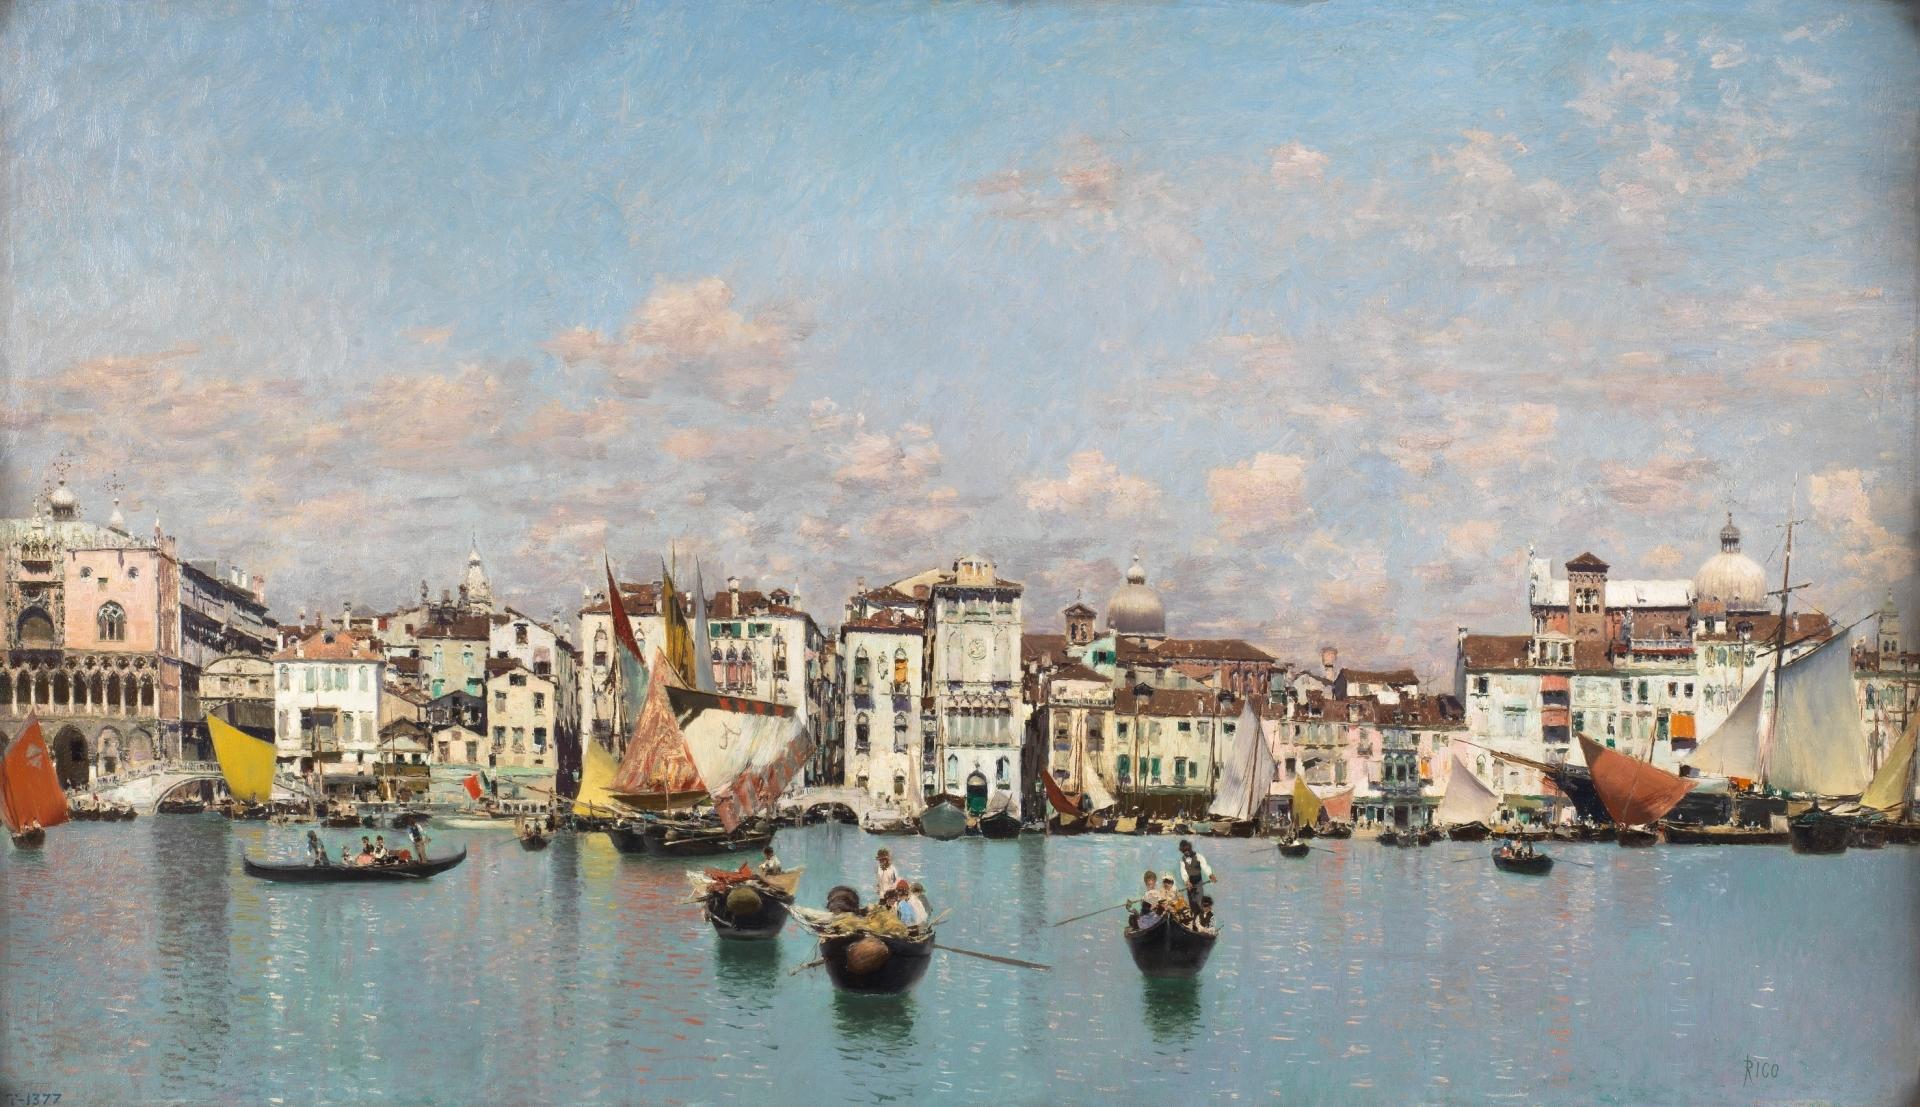 La Riva degli Schiavoni en Venecia, por Martín Rico y Ortega, 1873 ©Museo Nacional del Prado